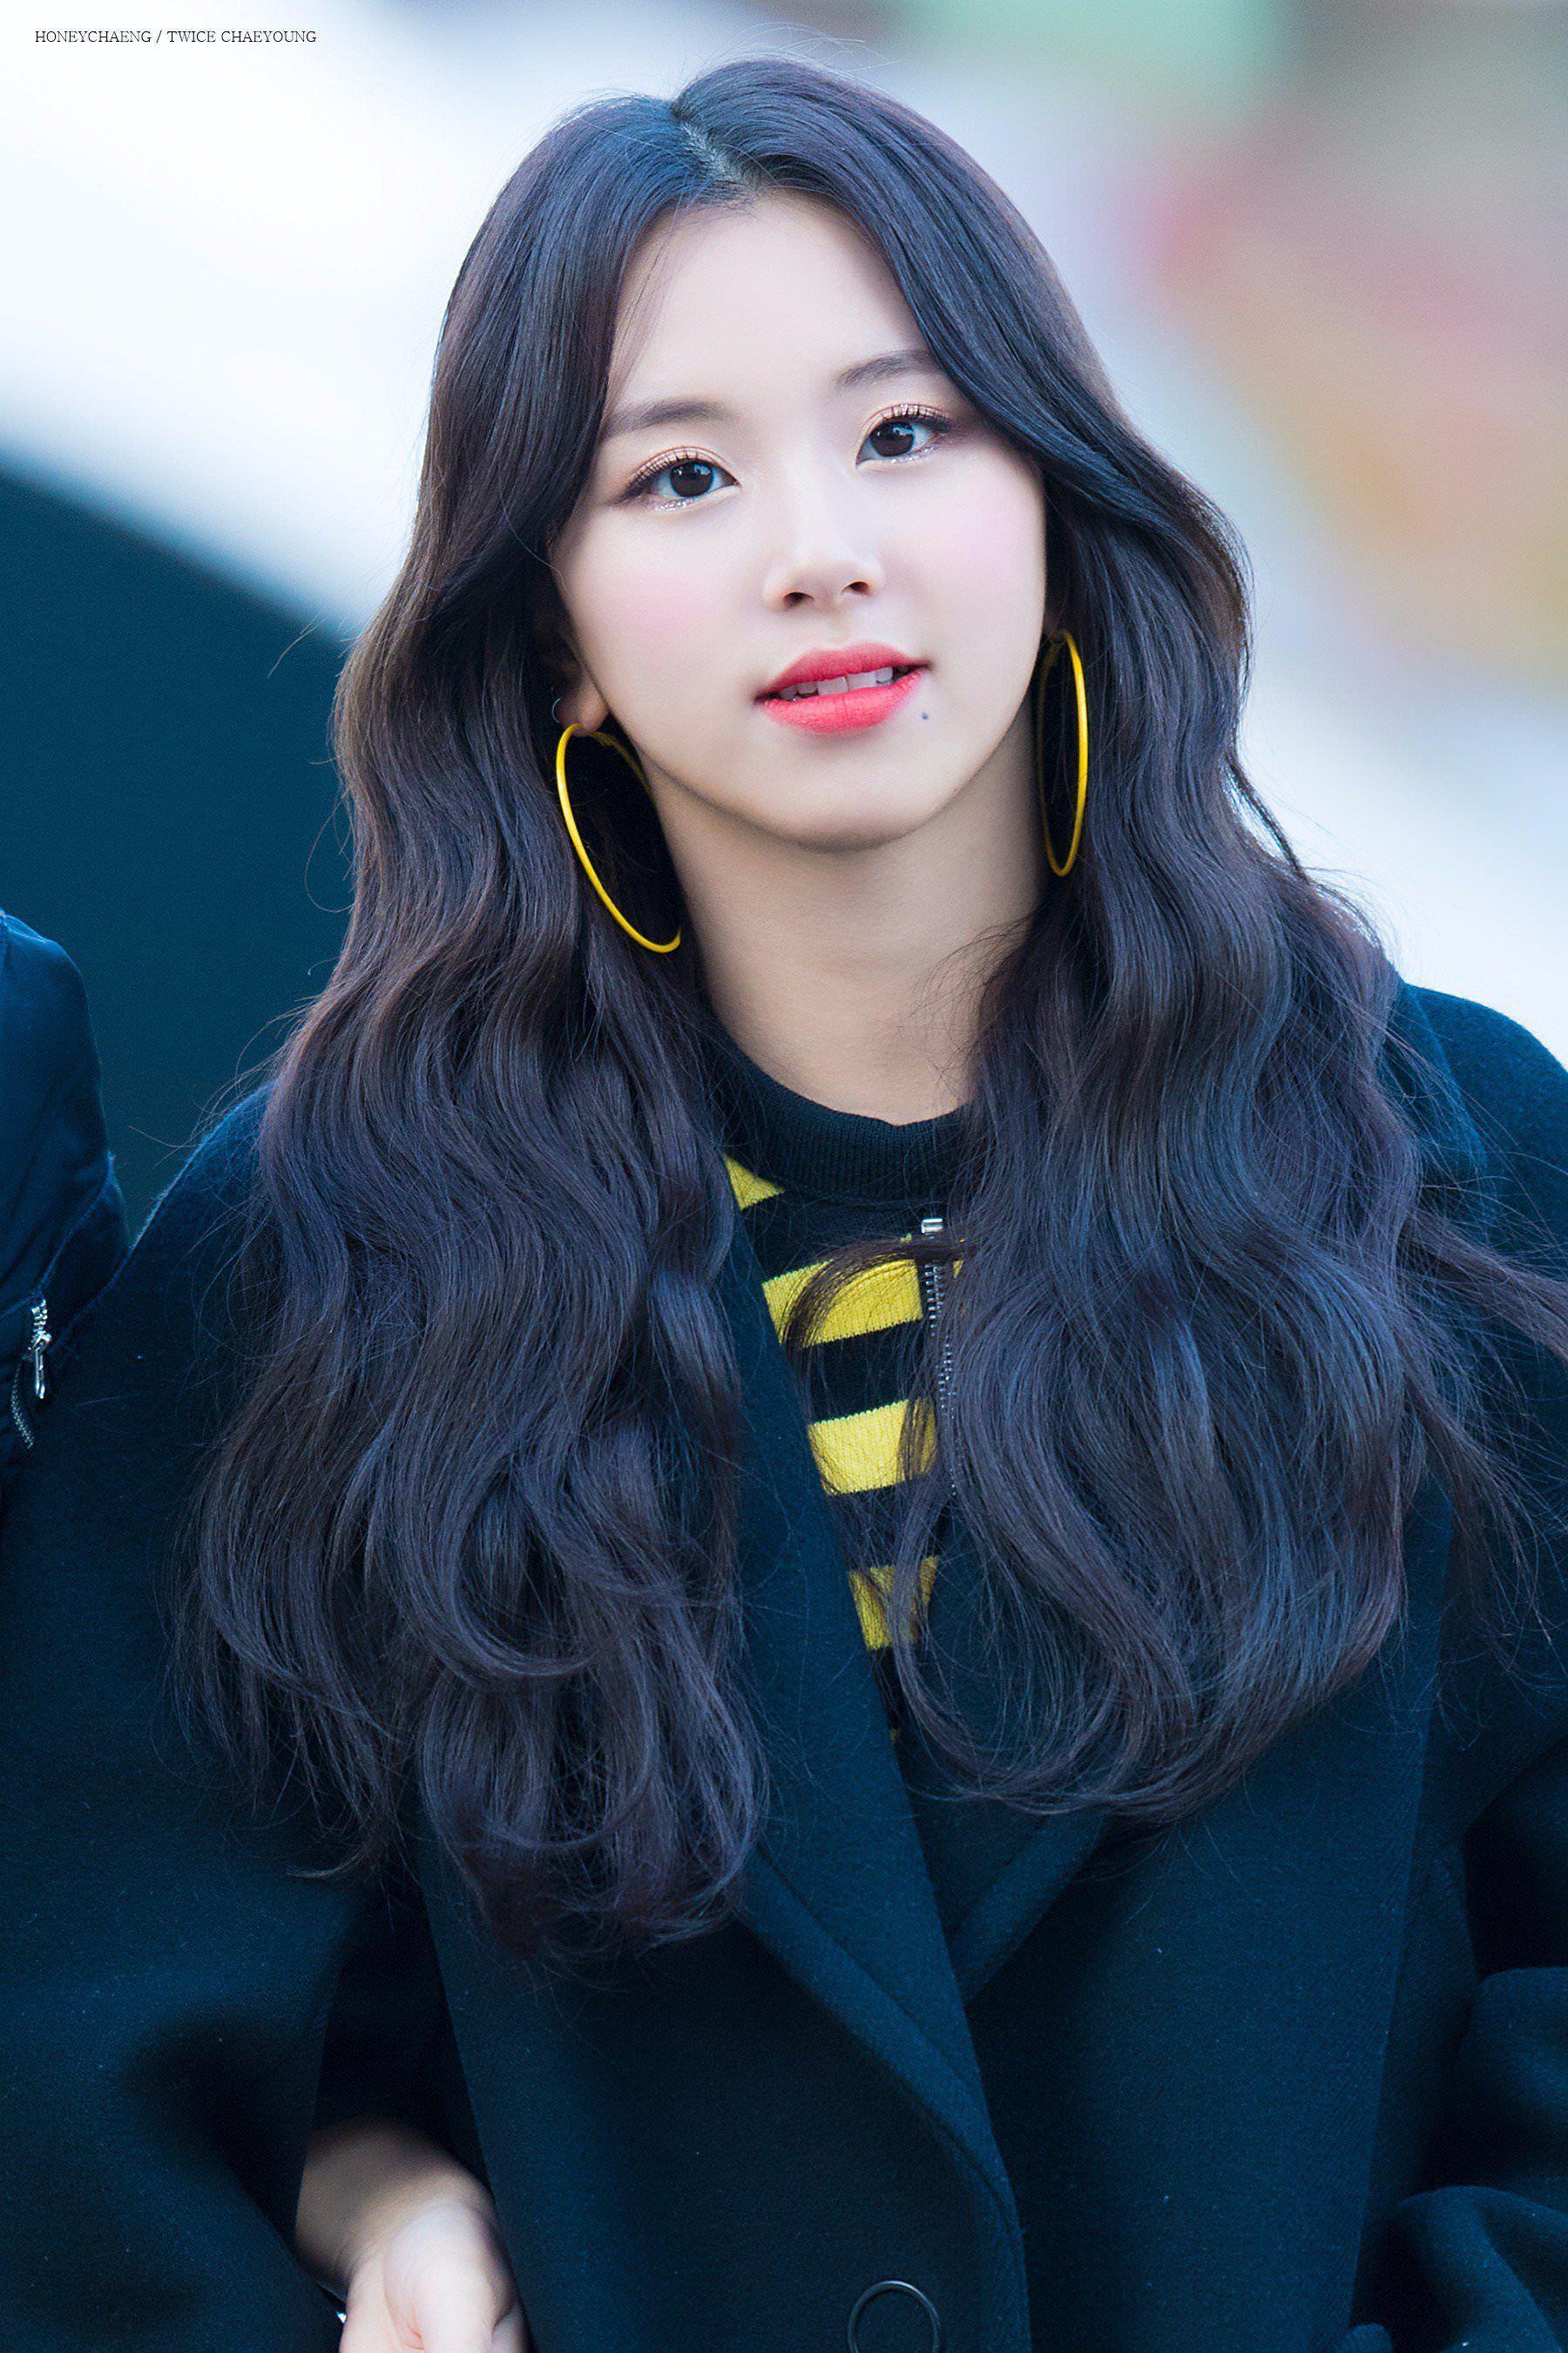 Bxh Nữ Idol Kpop Hot Nhất Hiện Nay Bất Ngờ Chỉ 2 Mỹ Nhan Blackpink Lọt Top 10 Nhưng Hạng 2 Va 3 Mới Gay Choang Kpop Girls Twice Kpop Girl Groups